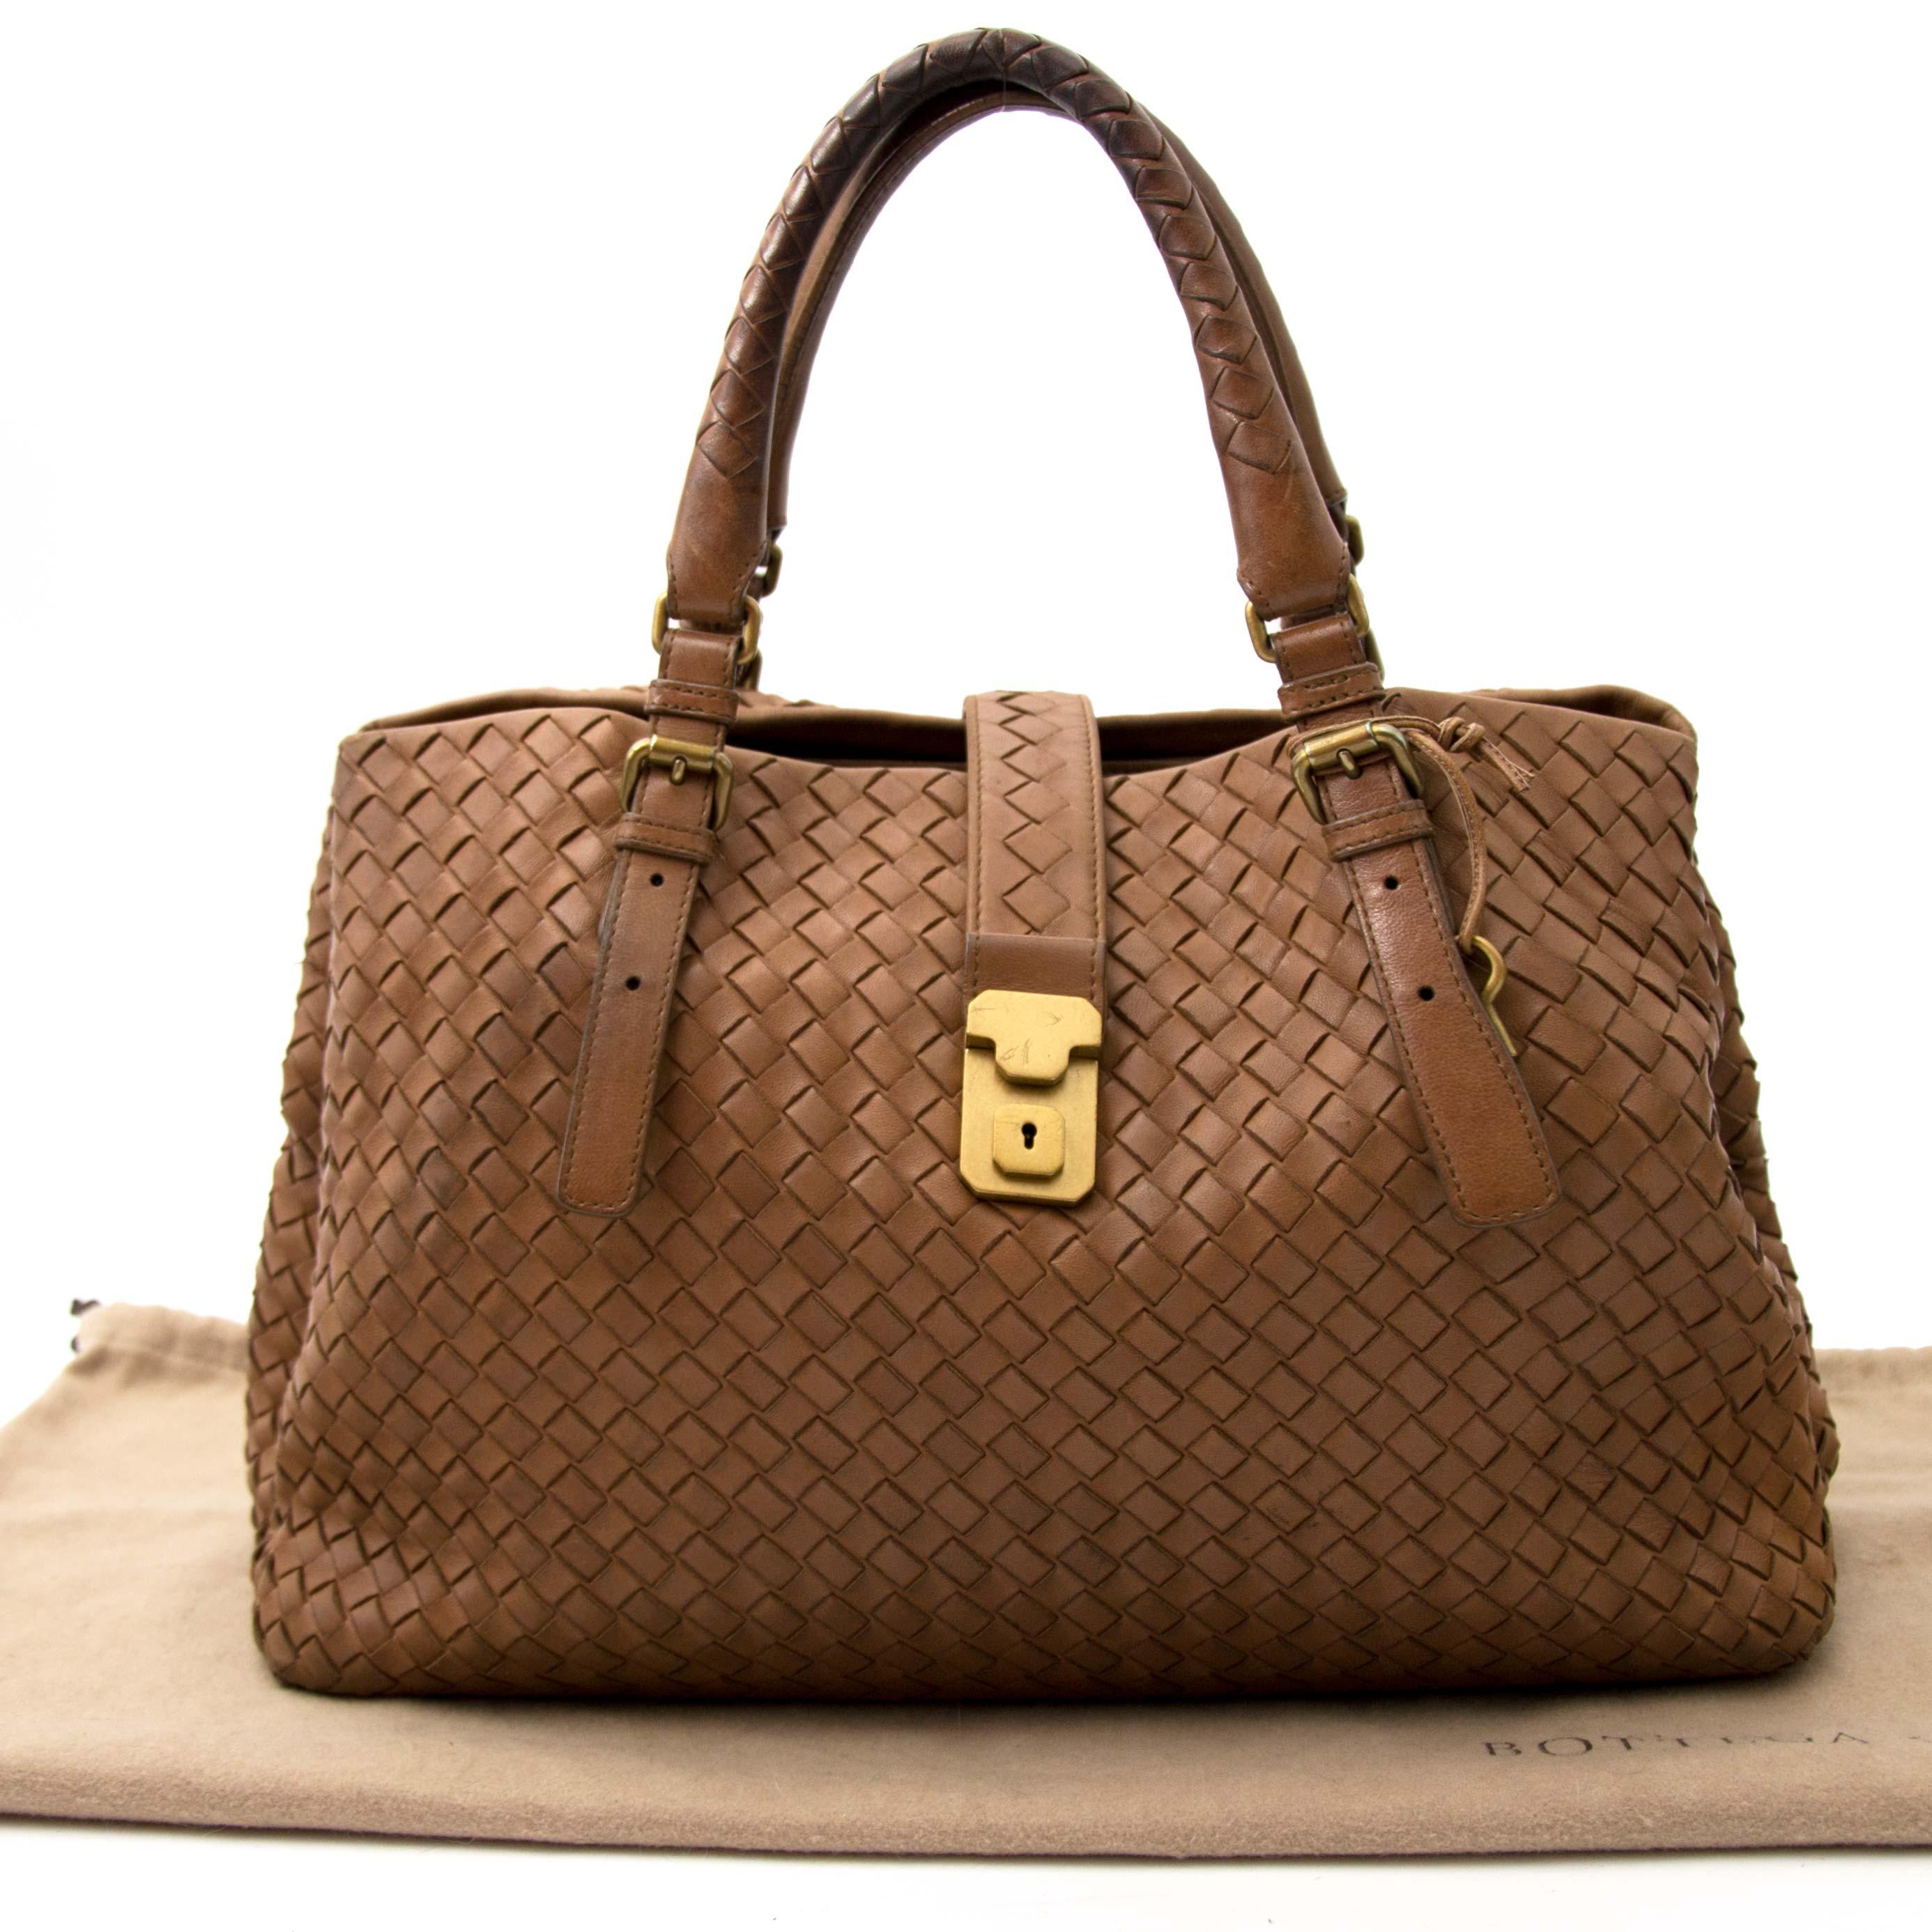 acheter en ligne pour le meilleur prix sac a mainBottega Veneta Intrecciato Brown Tote Bag